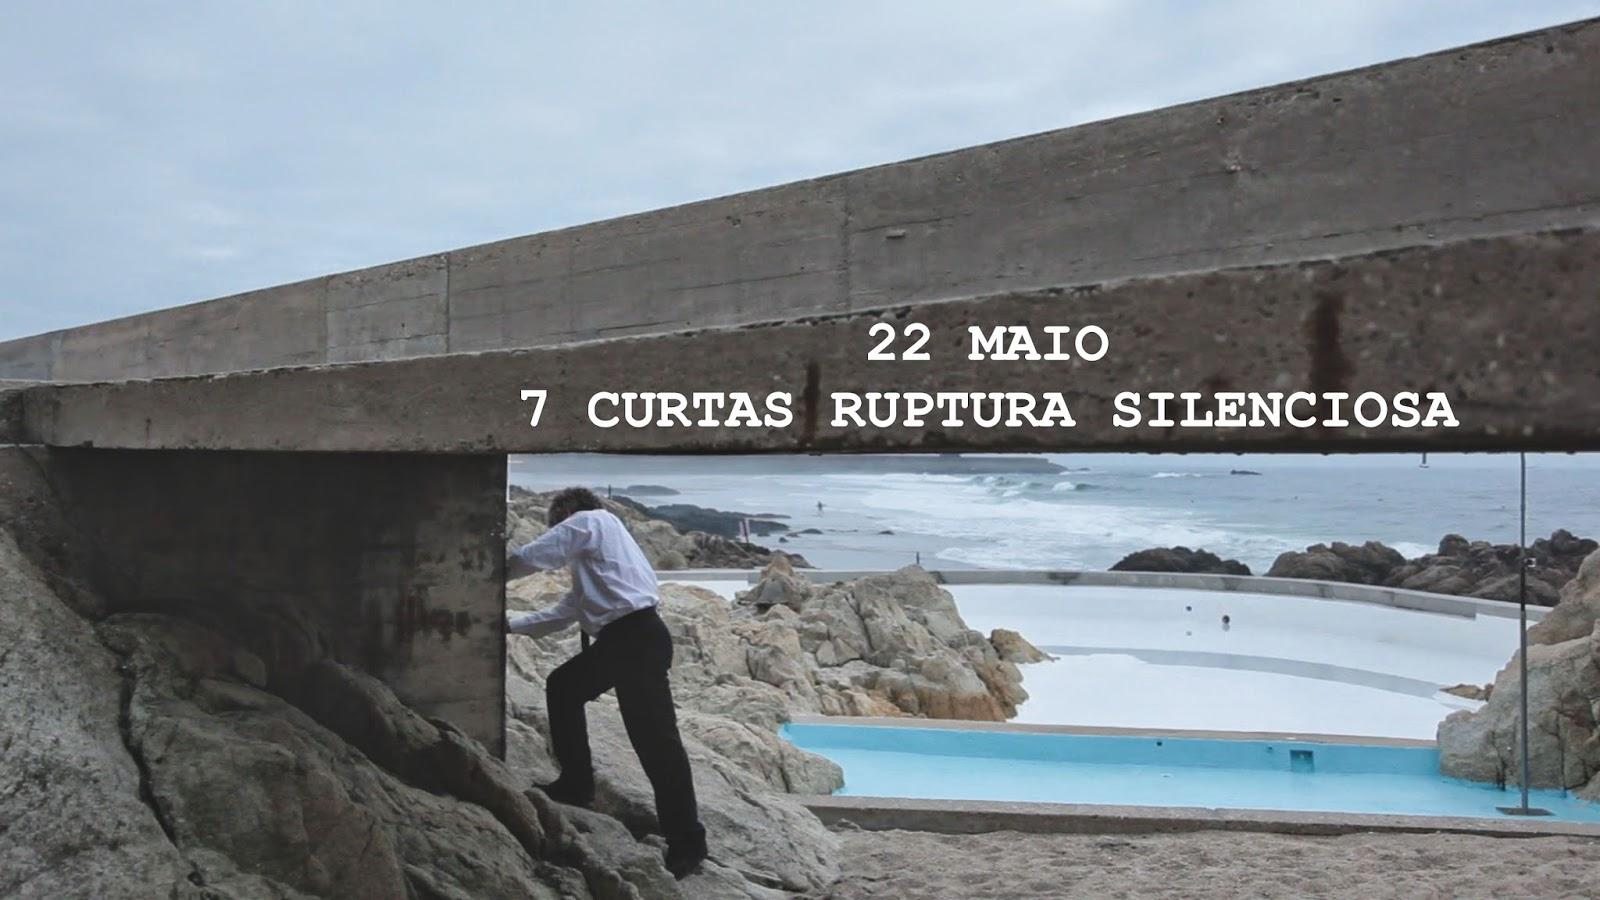 7 Curtas Ruptura Silenciosa